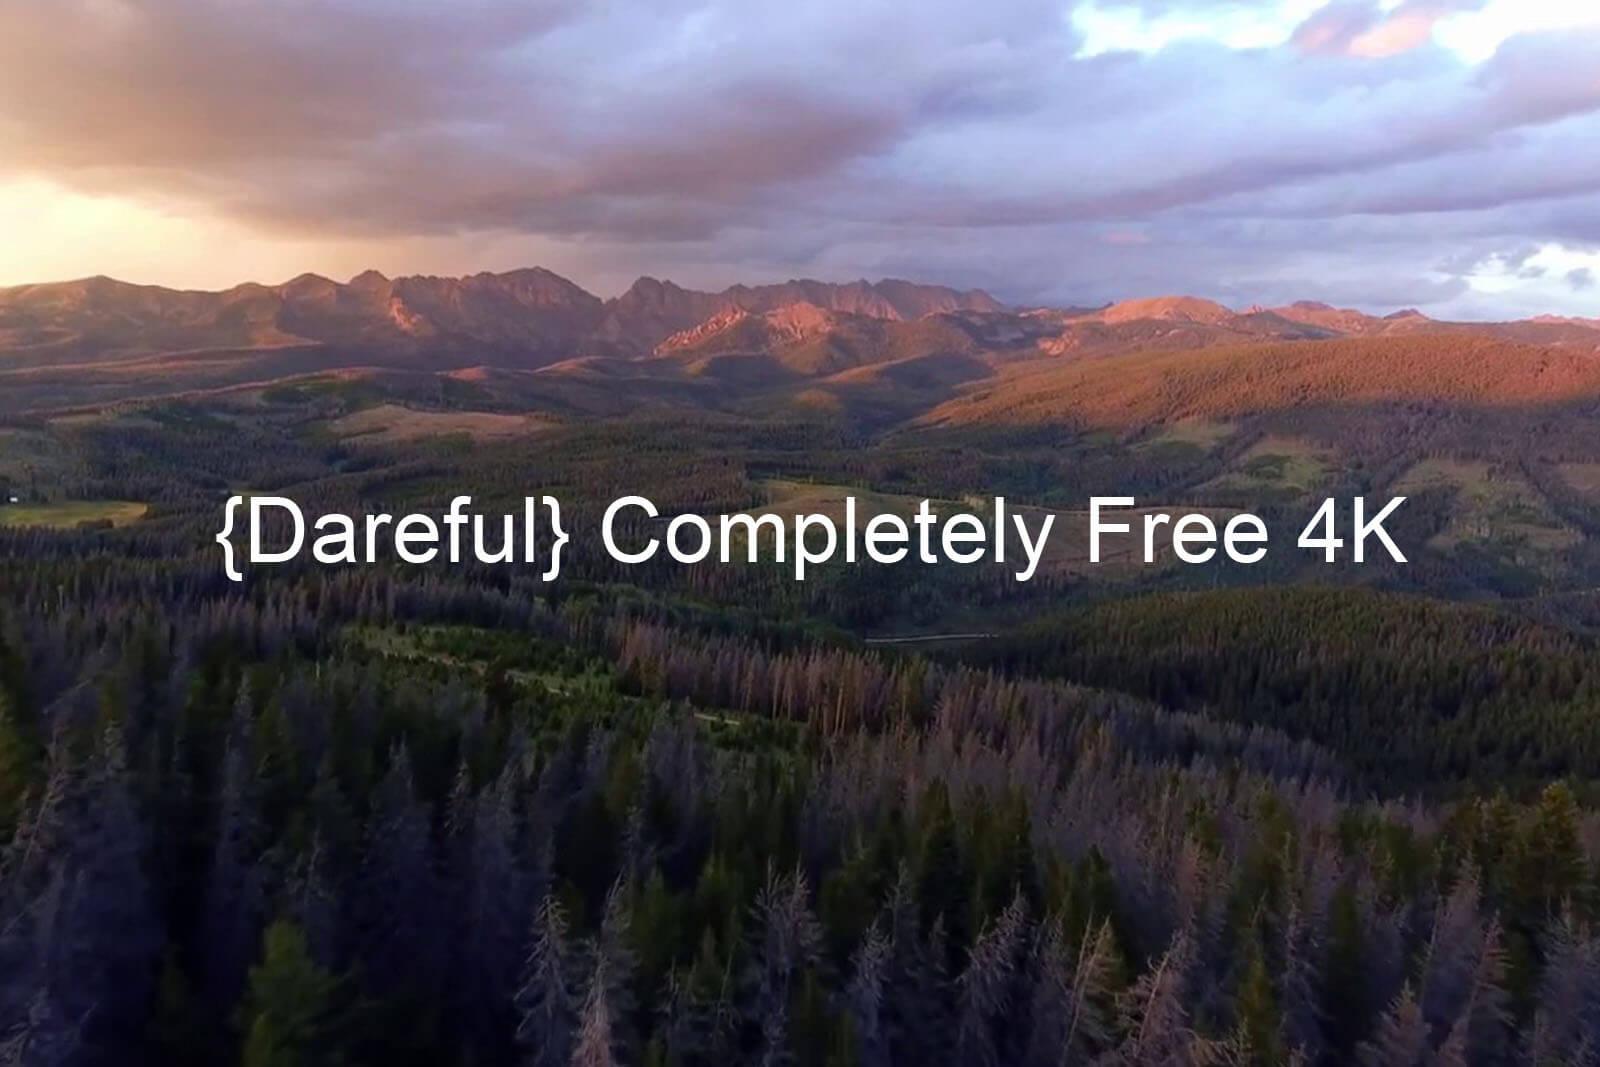 5. Dareful.com - совершенно бесплатное стоковое 4К видео